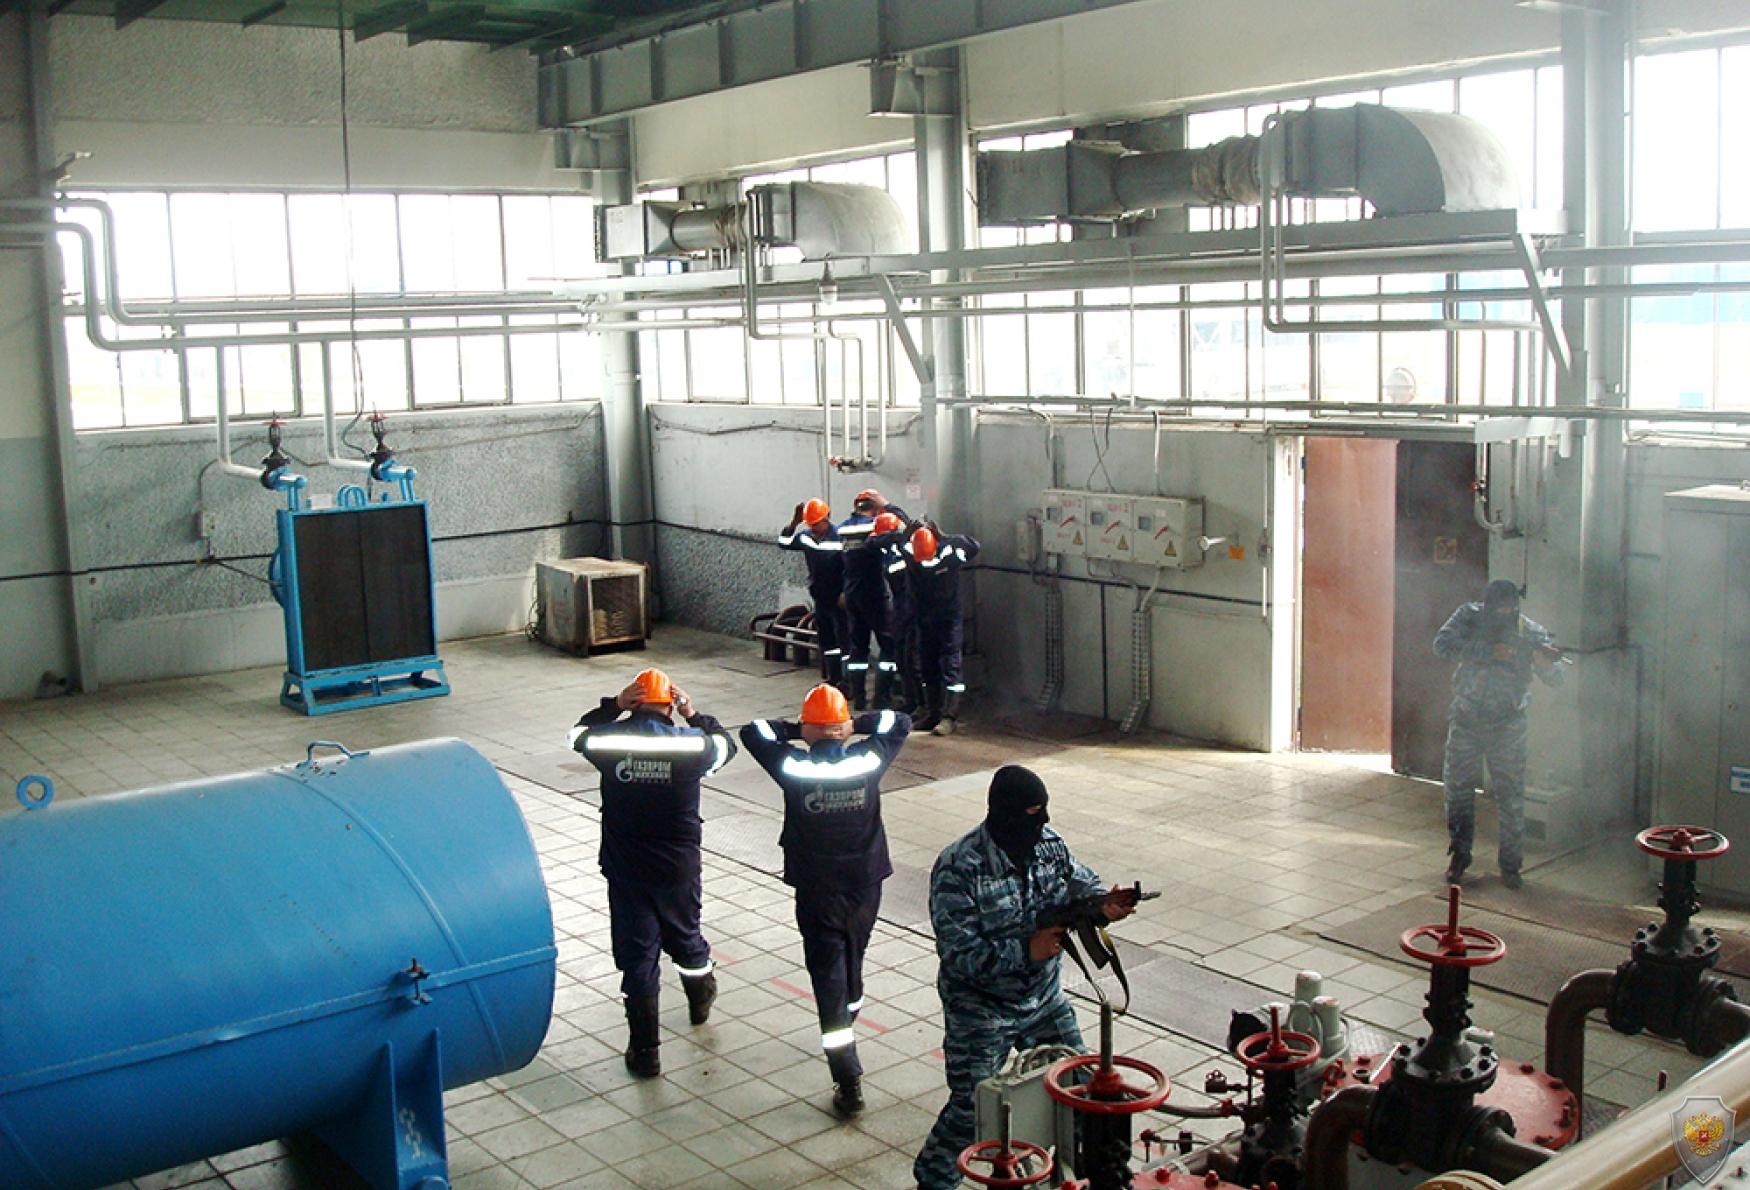 Захват «террористами» «заложников» из числа работников объекта в здании компрессорного цеха